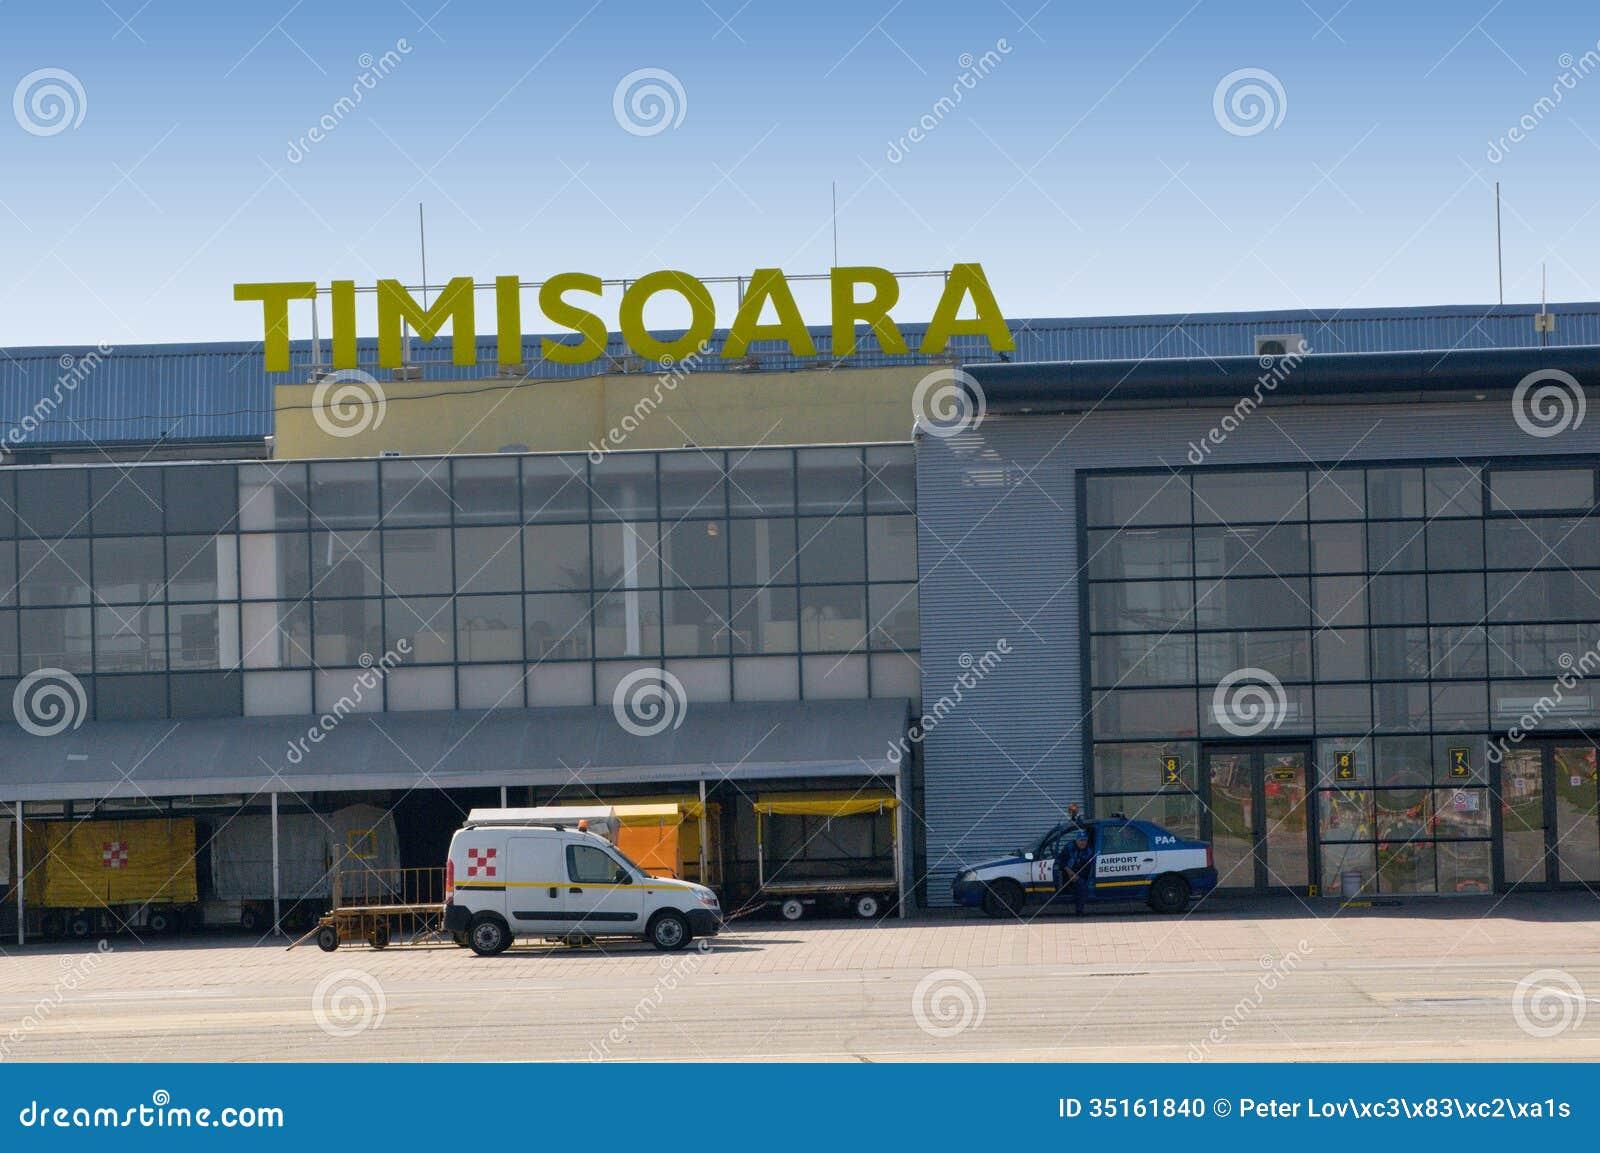 Aeroporto Romania : Aeroporto timisoara in romania immagine editoriale